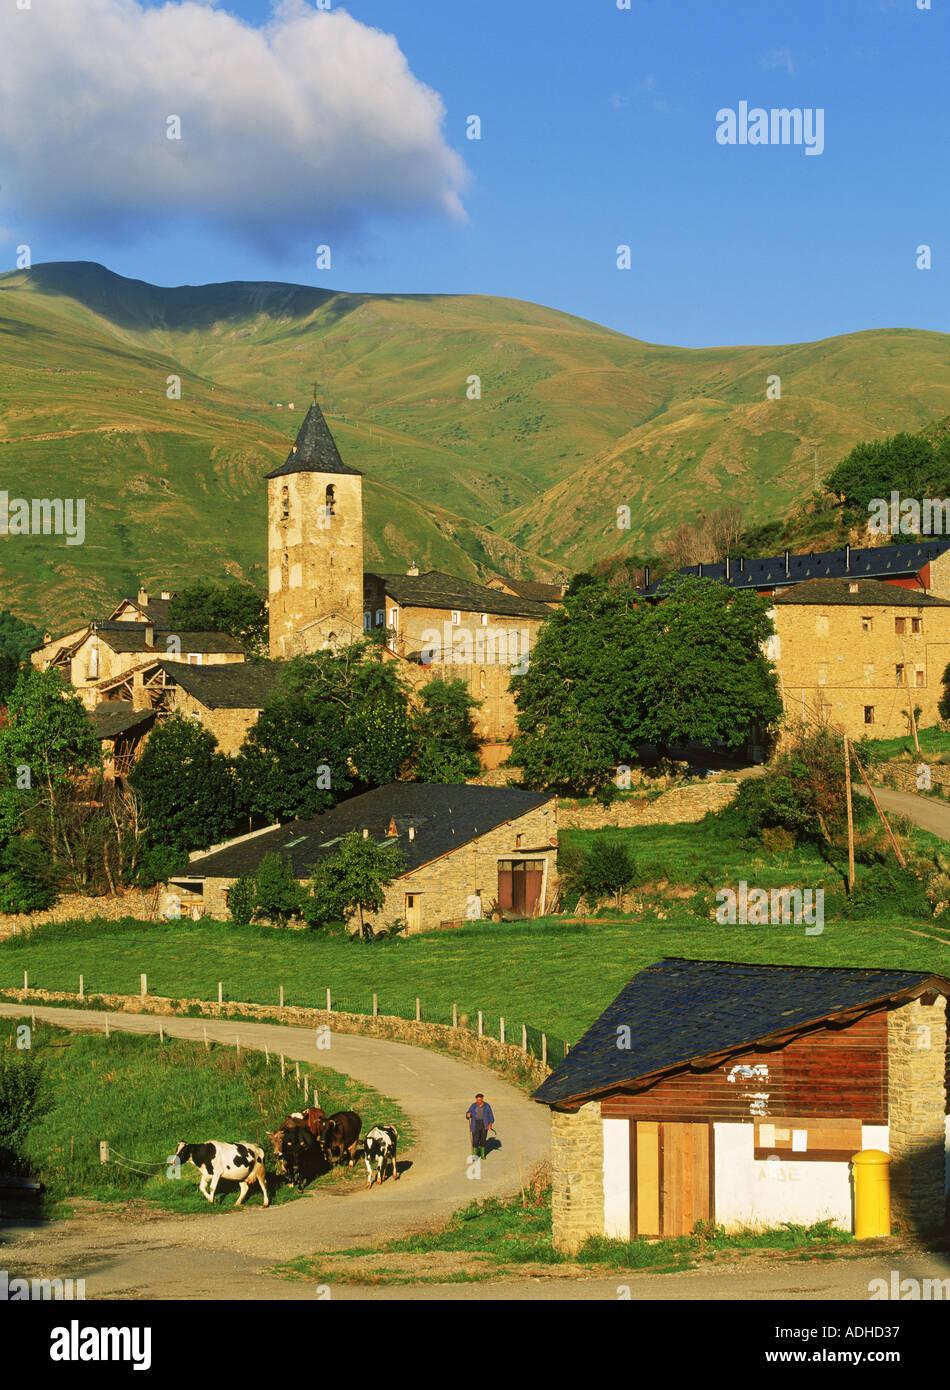 Villaggio di Llessui vicino sorta nella provincia di Lleida Catalogna Spagna Immagini Stock